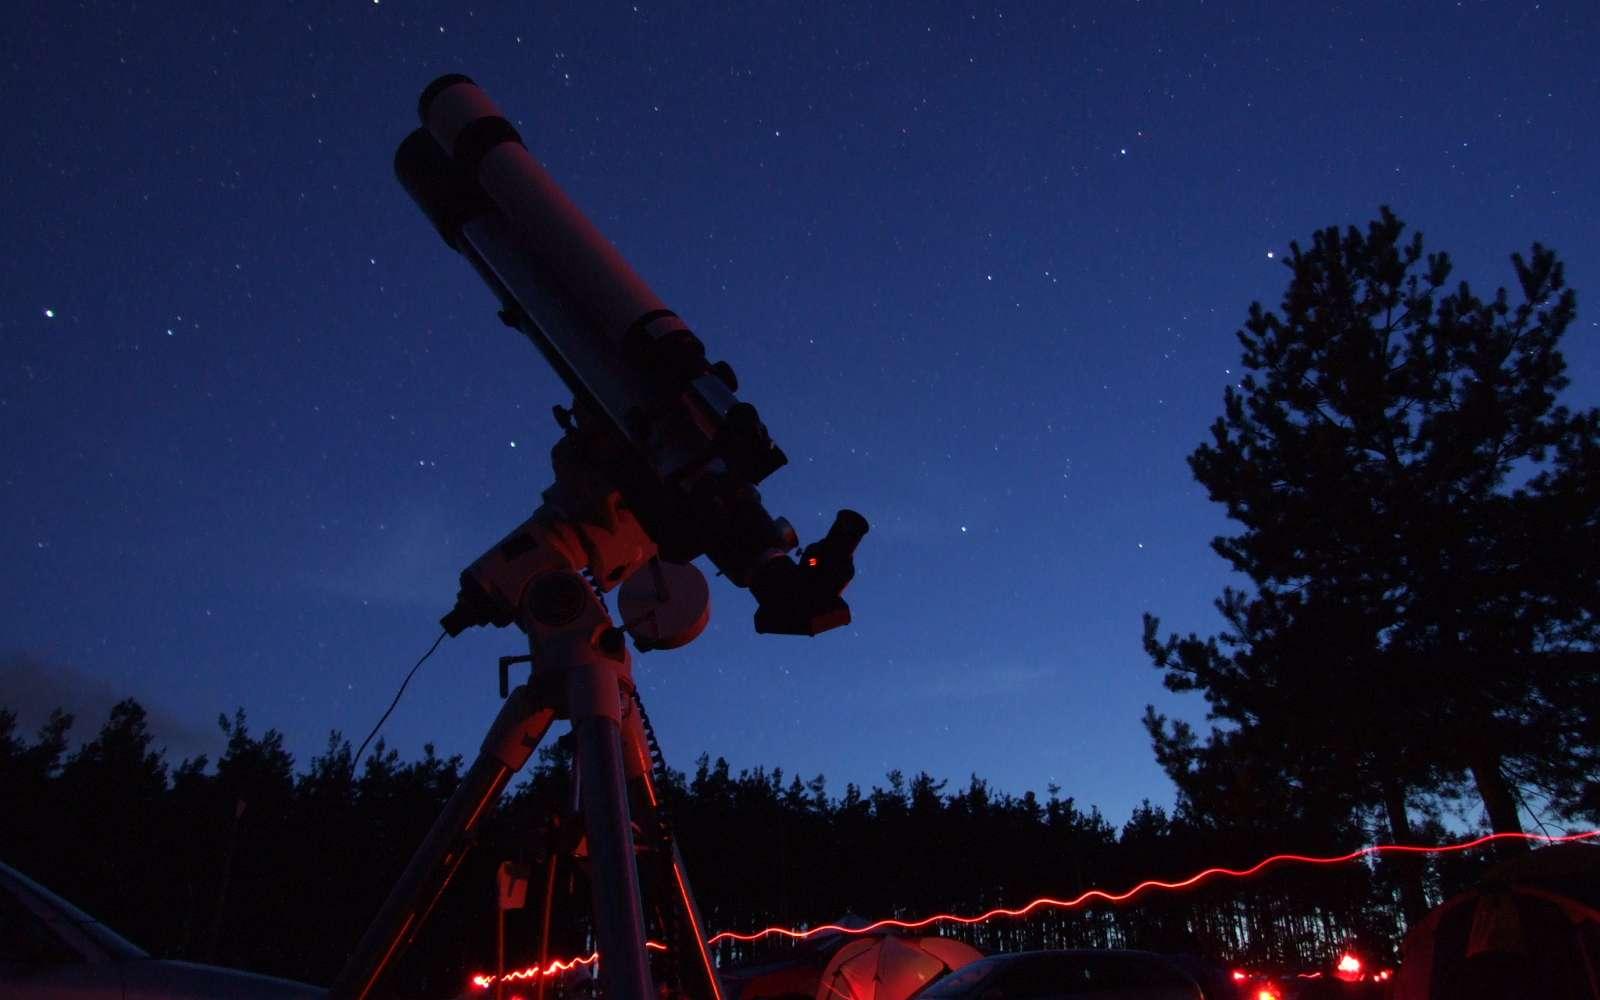 Les Nuits des Etoiles, l'occasion de découvrir les beautés du ciel nocturne. Crédits Jean-Baptiste Feldmann